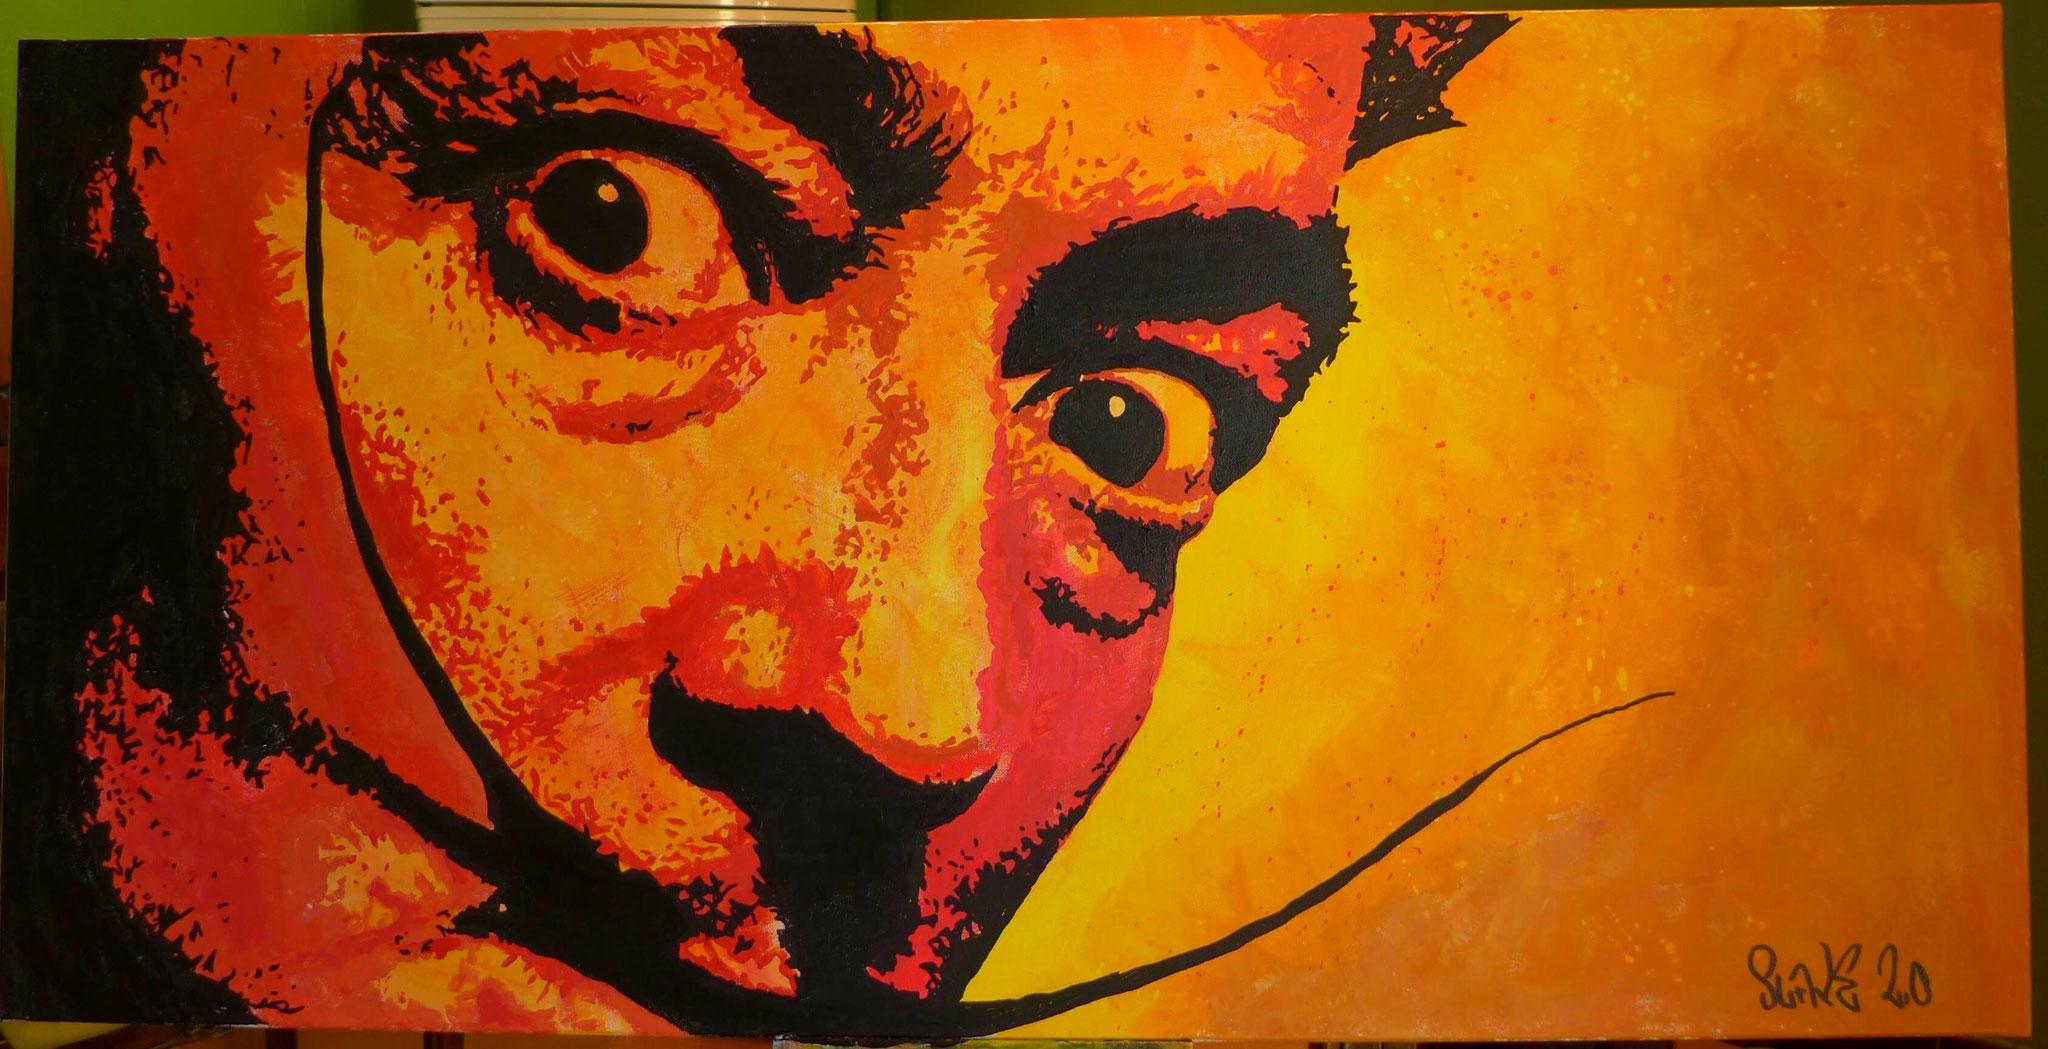 Slavador Dali Crazy eyes street art sur toile par Slave 2.0